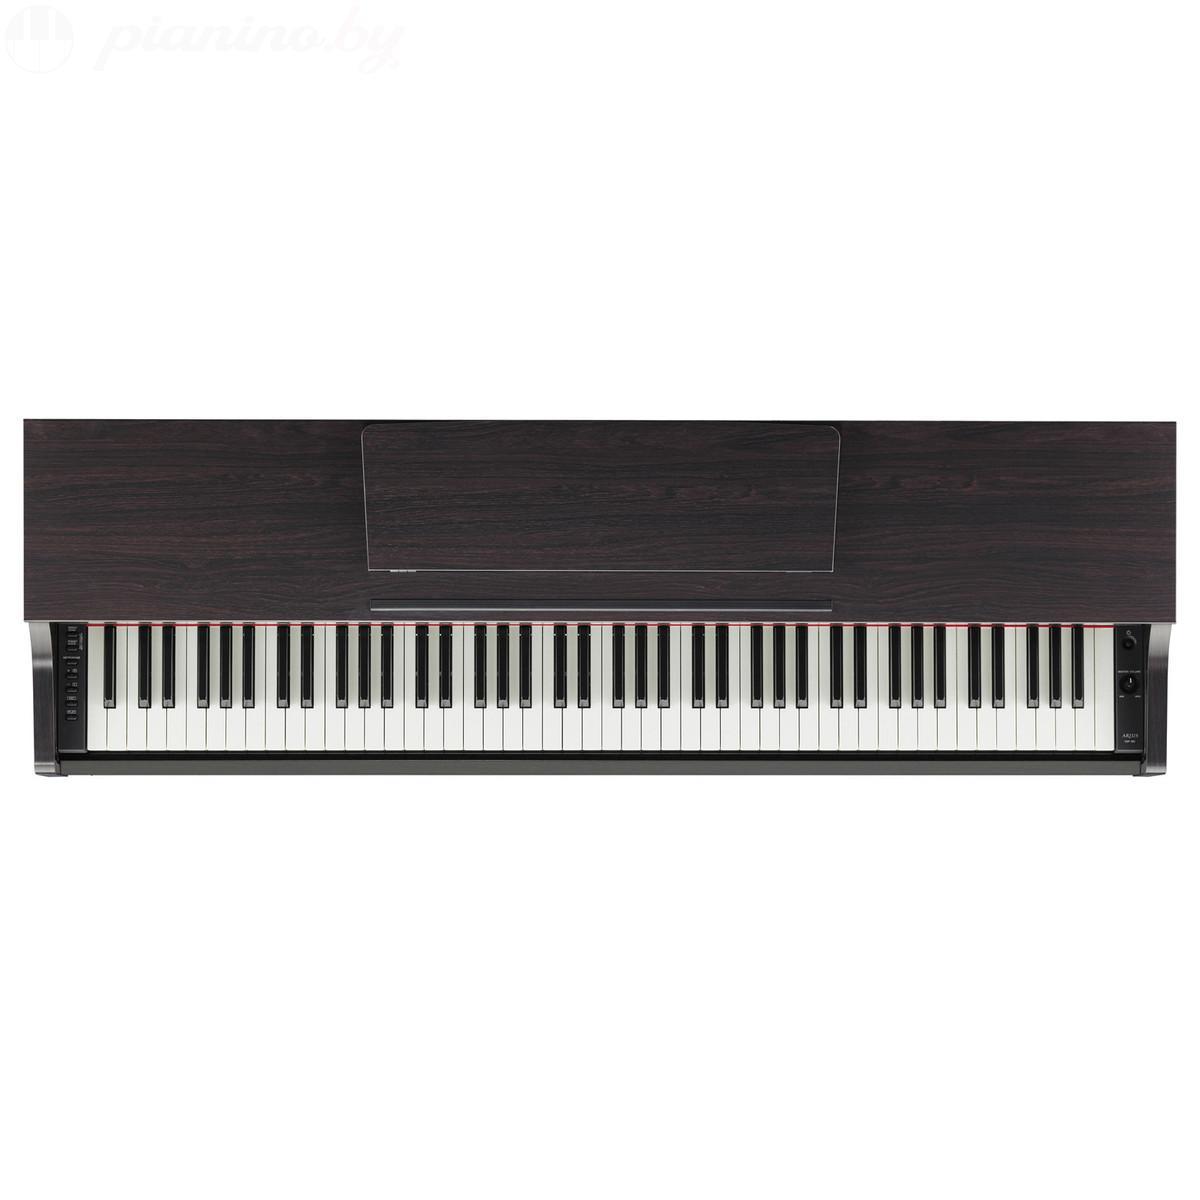 Цифровое пианино Yamaha YDP-162R Фото 3